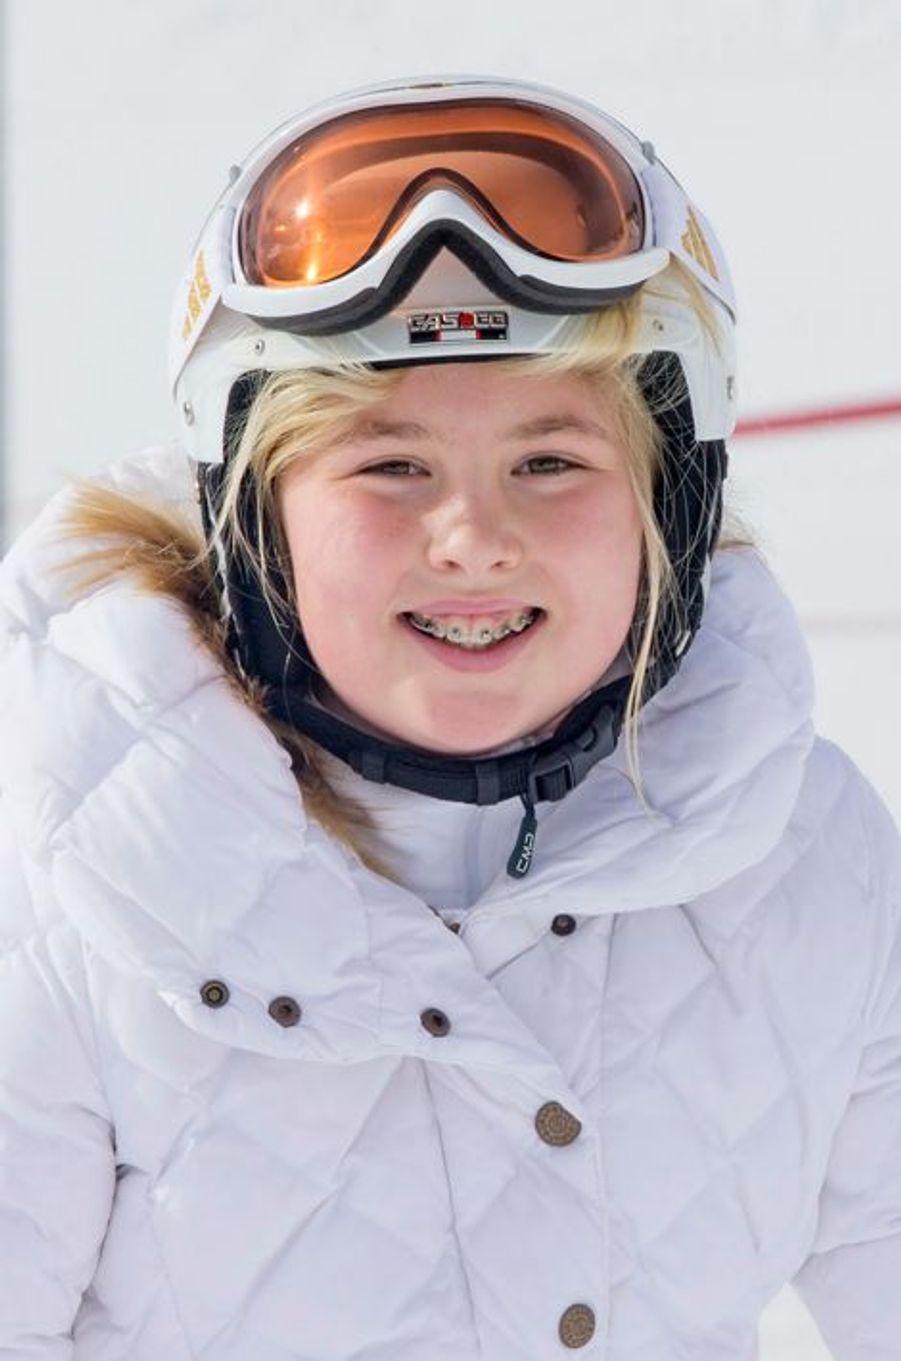 La princesse Catharina-Amalia à Lech, le 23 février 2015